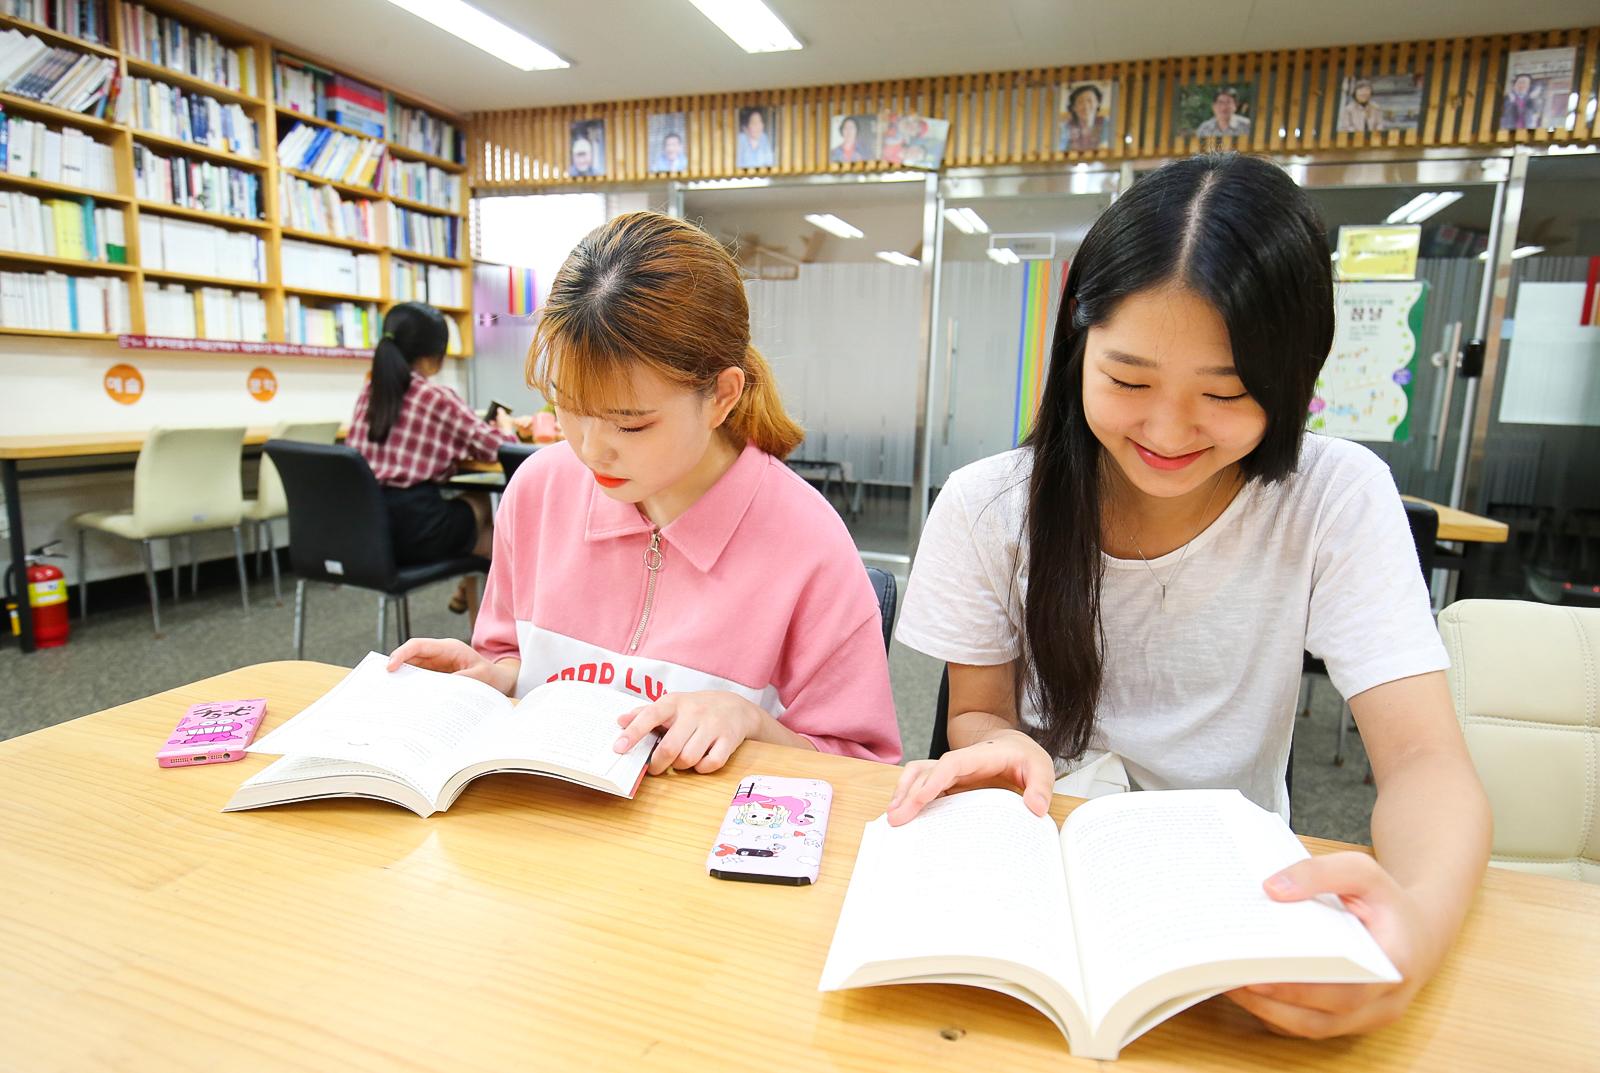 지난 9일 전주시민놀이터 1층 이야기놀이터에서 시민들이 책을 보고 있다. 프리랜서 장정필